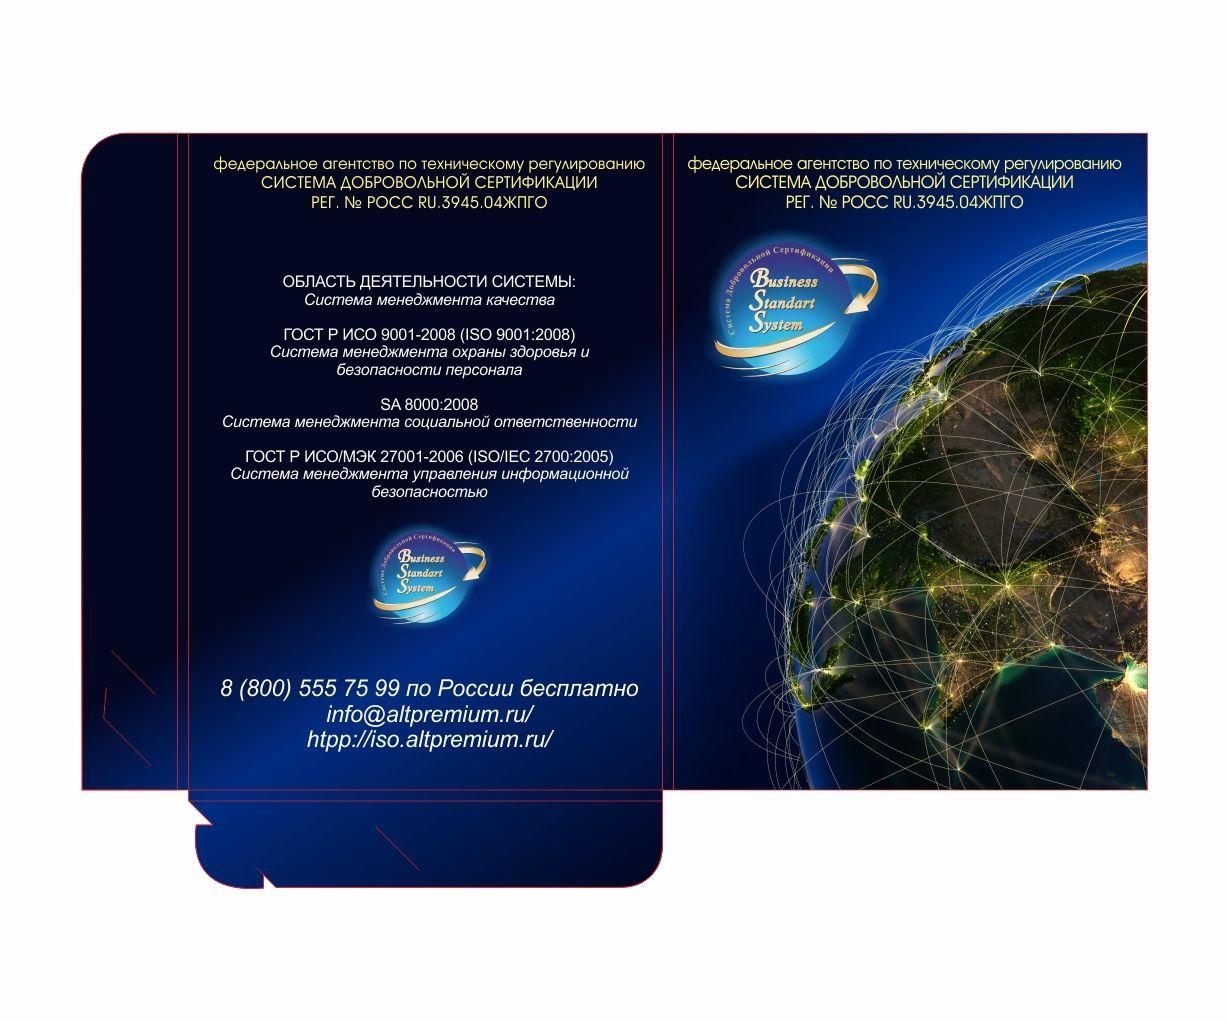 Папка и диск для сетификата ISO